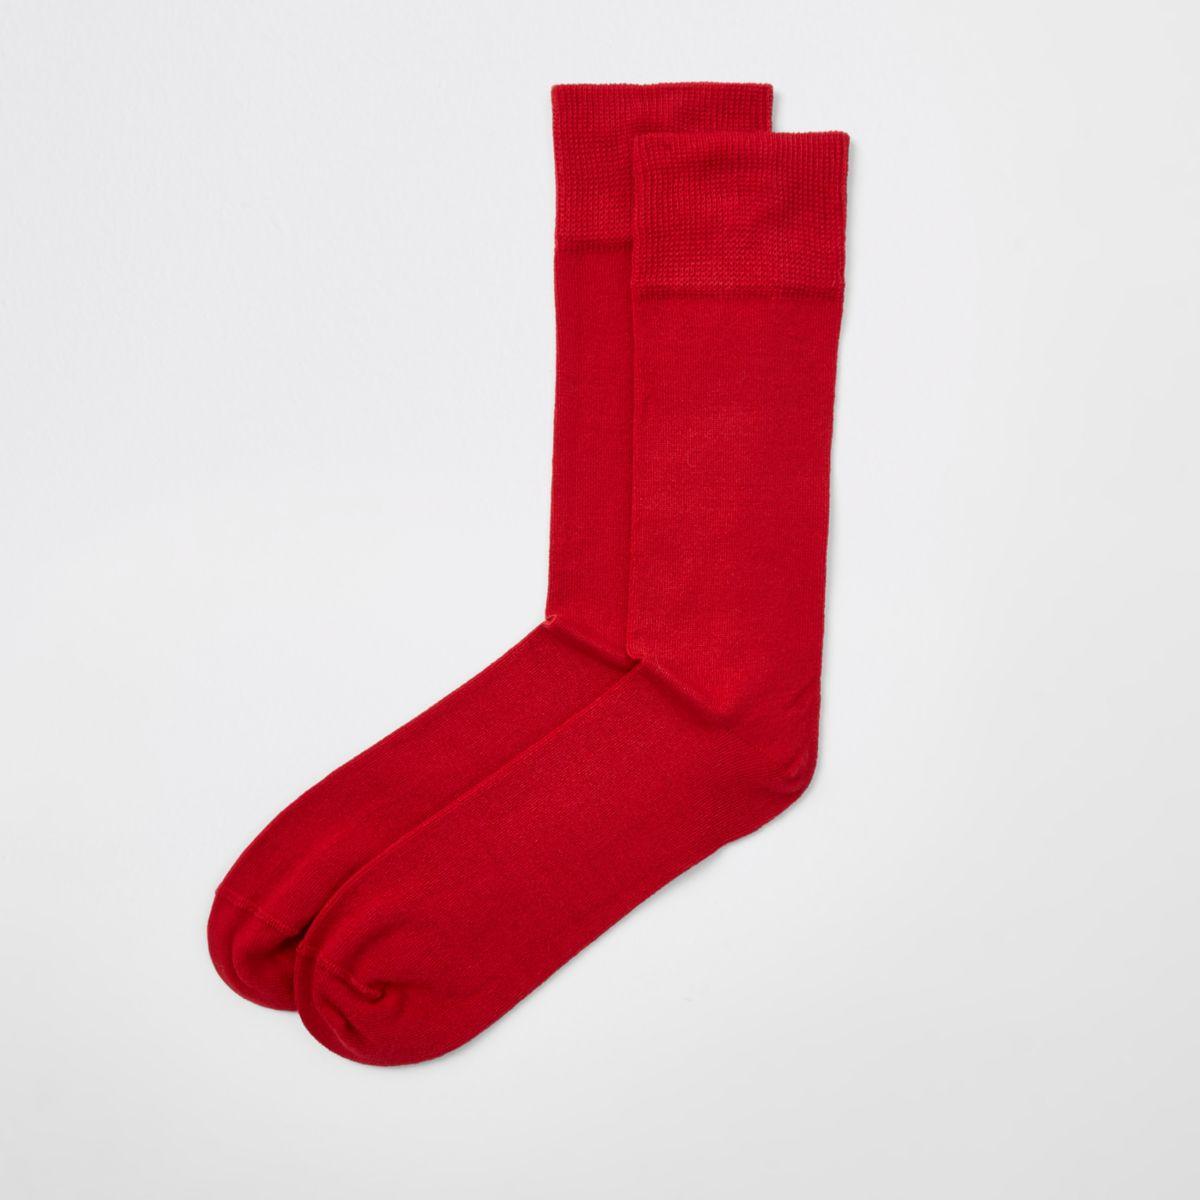 Red smart socks